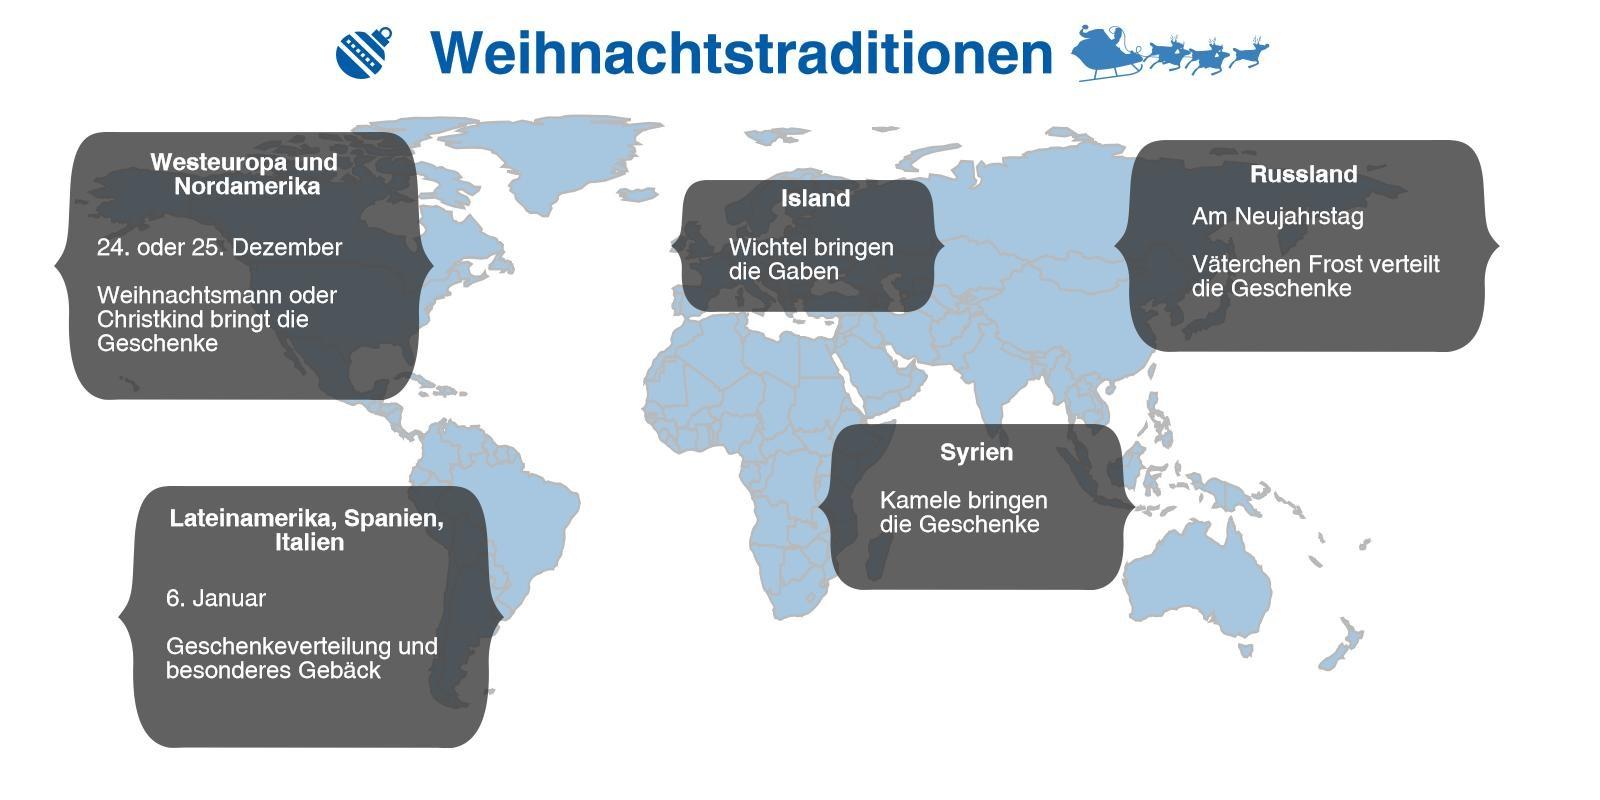 Infografik zu den weltweiten Weihnachtstraditionen